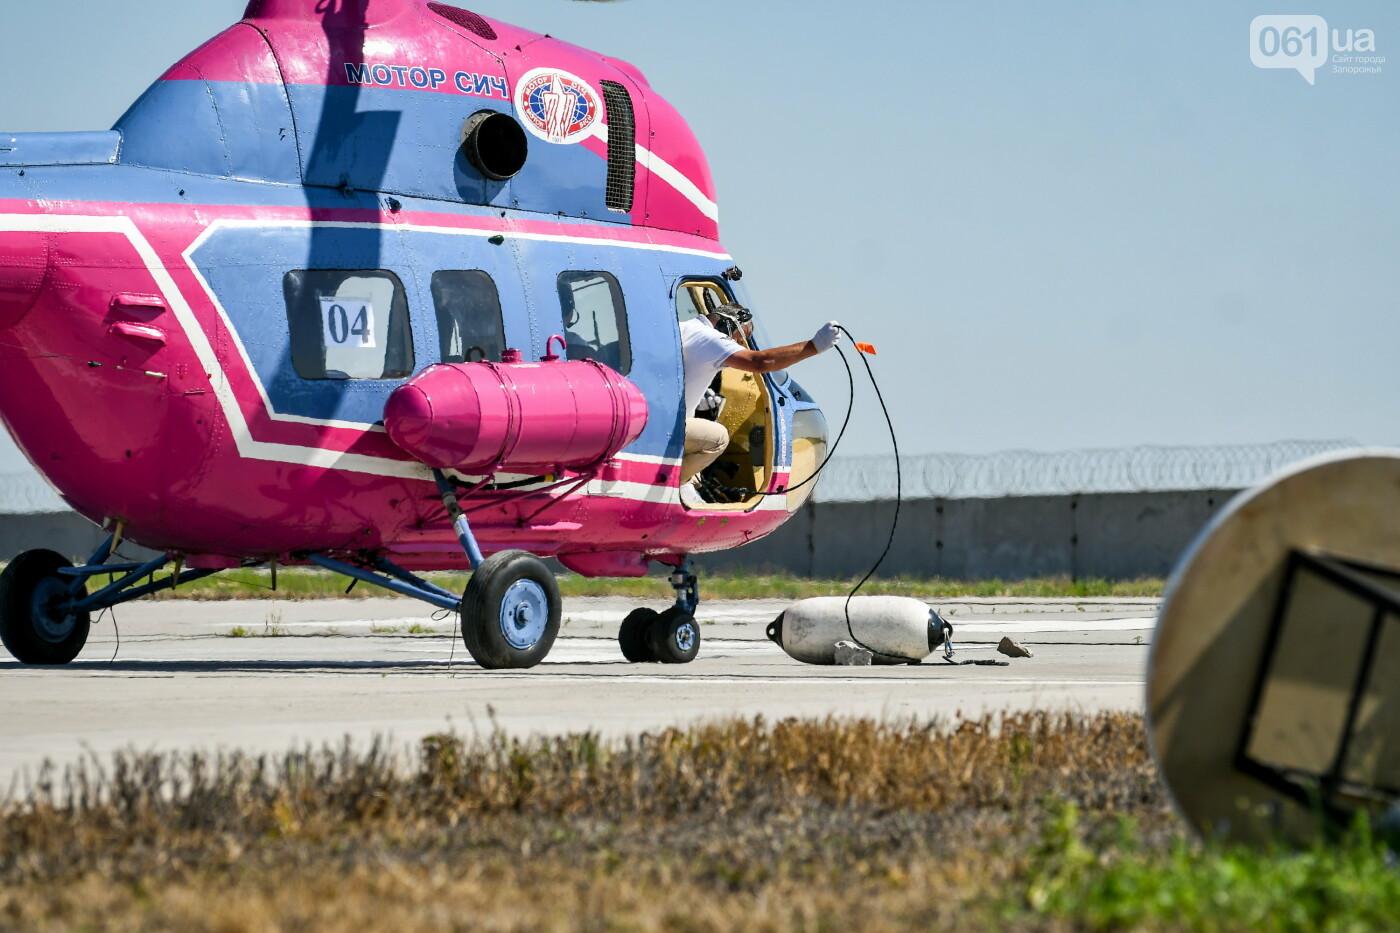 В Запорожье проходят соревнования по вертолетному спорту, - ФОТОРЕПОРТАЖ, фото-12